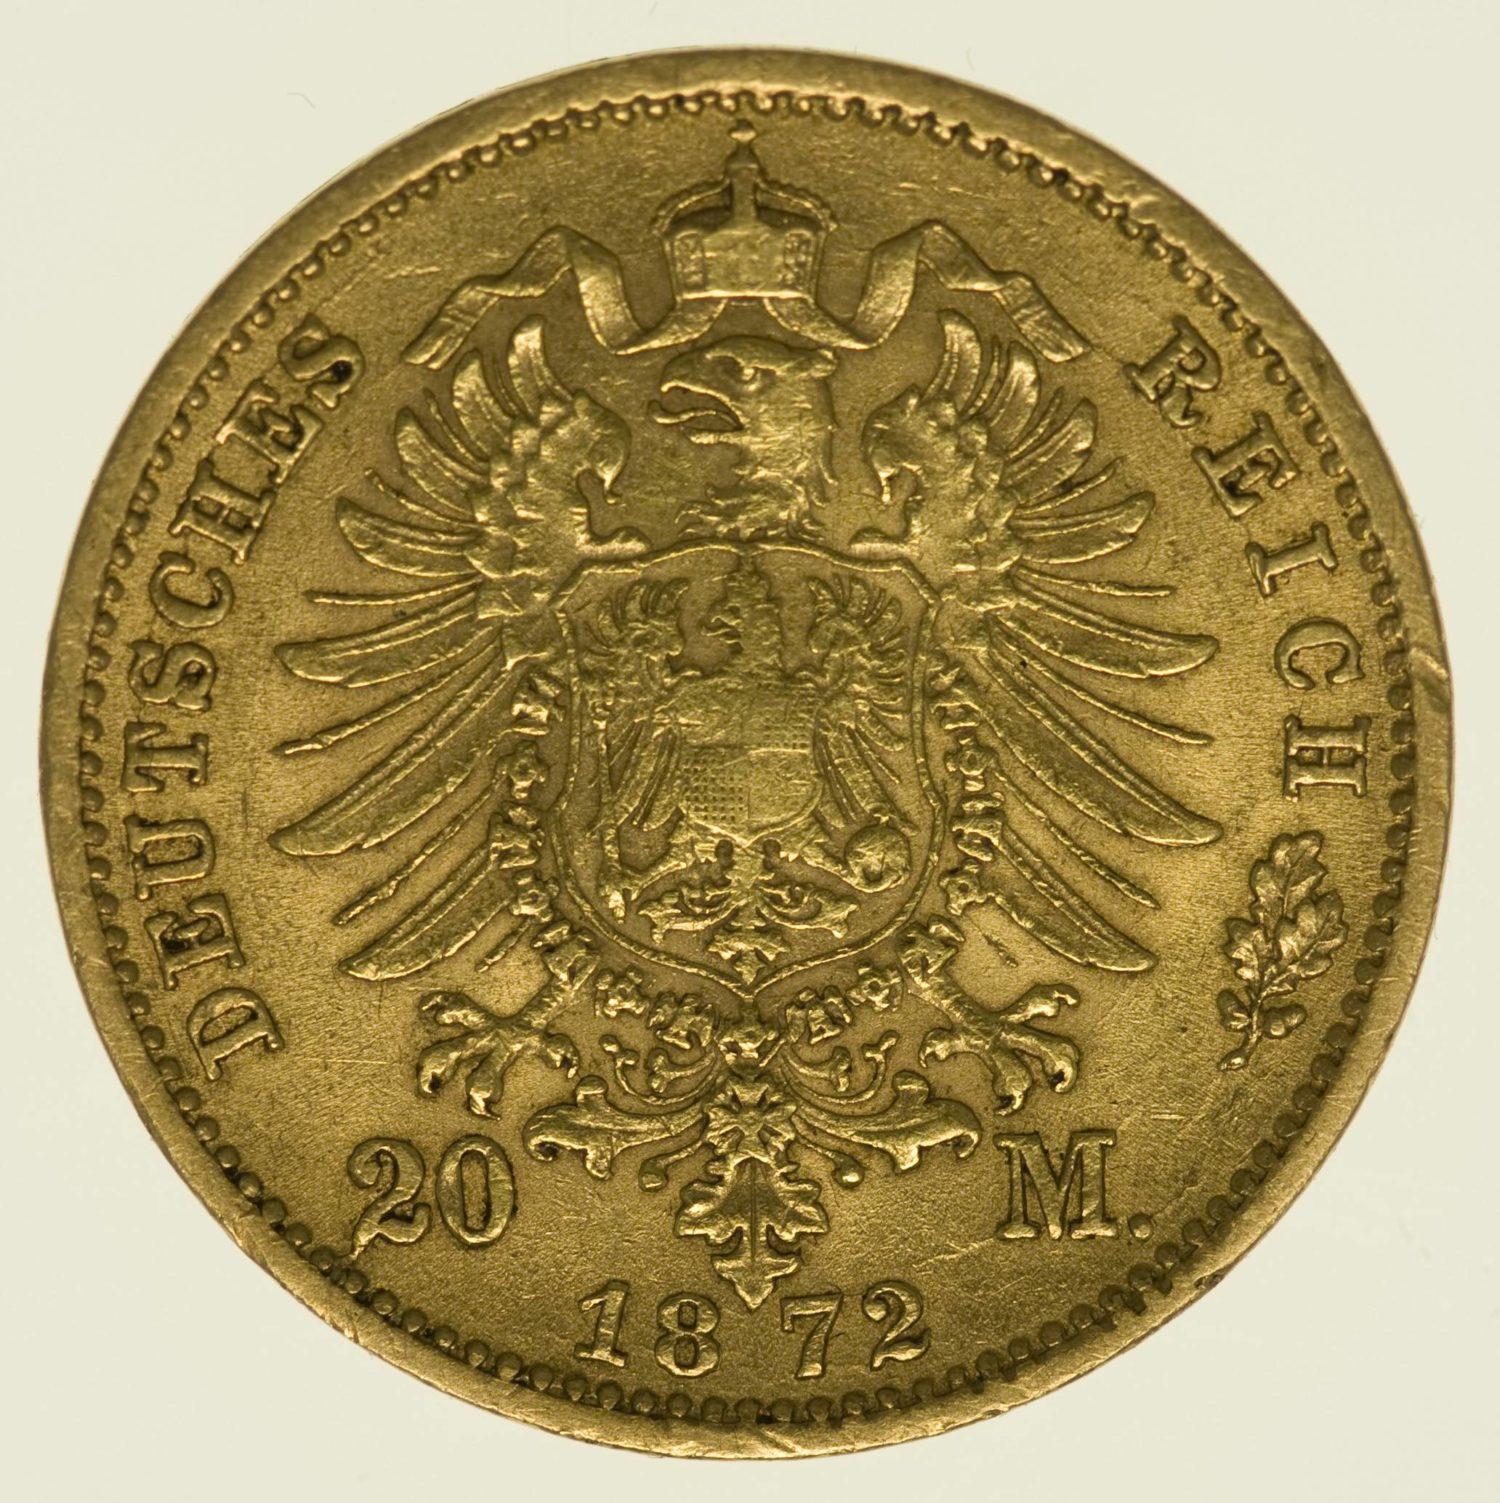 Sachsen Johann 20 Mark 1872 Gold 7,16 Gramm fein RAR